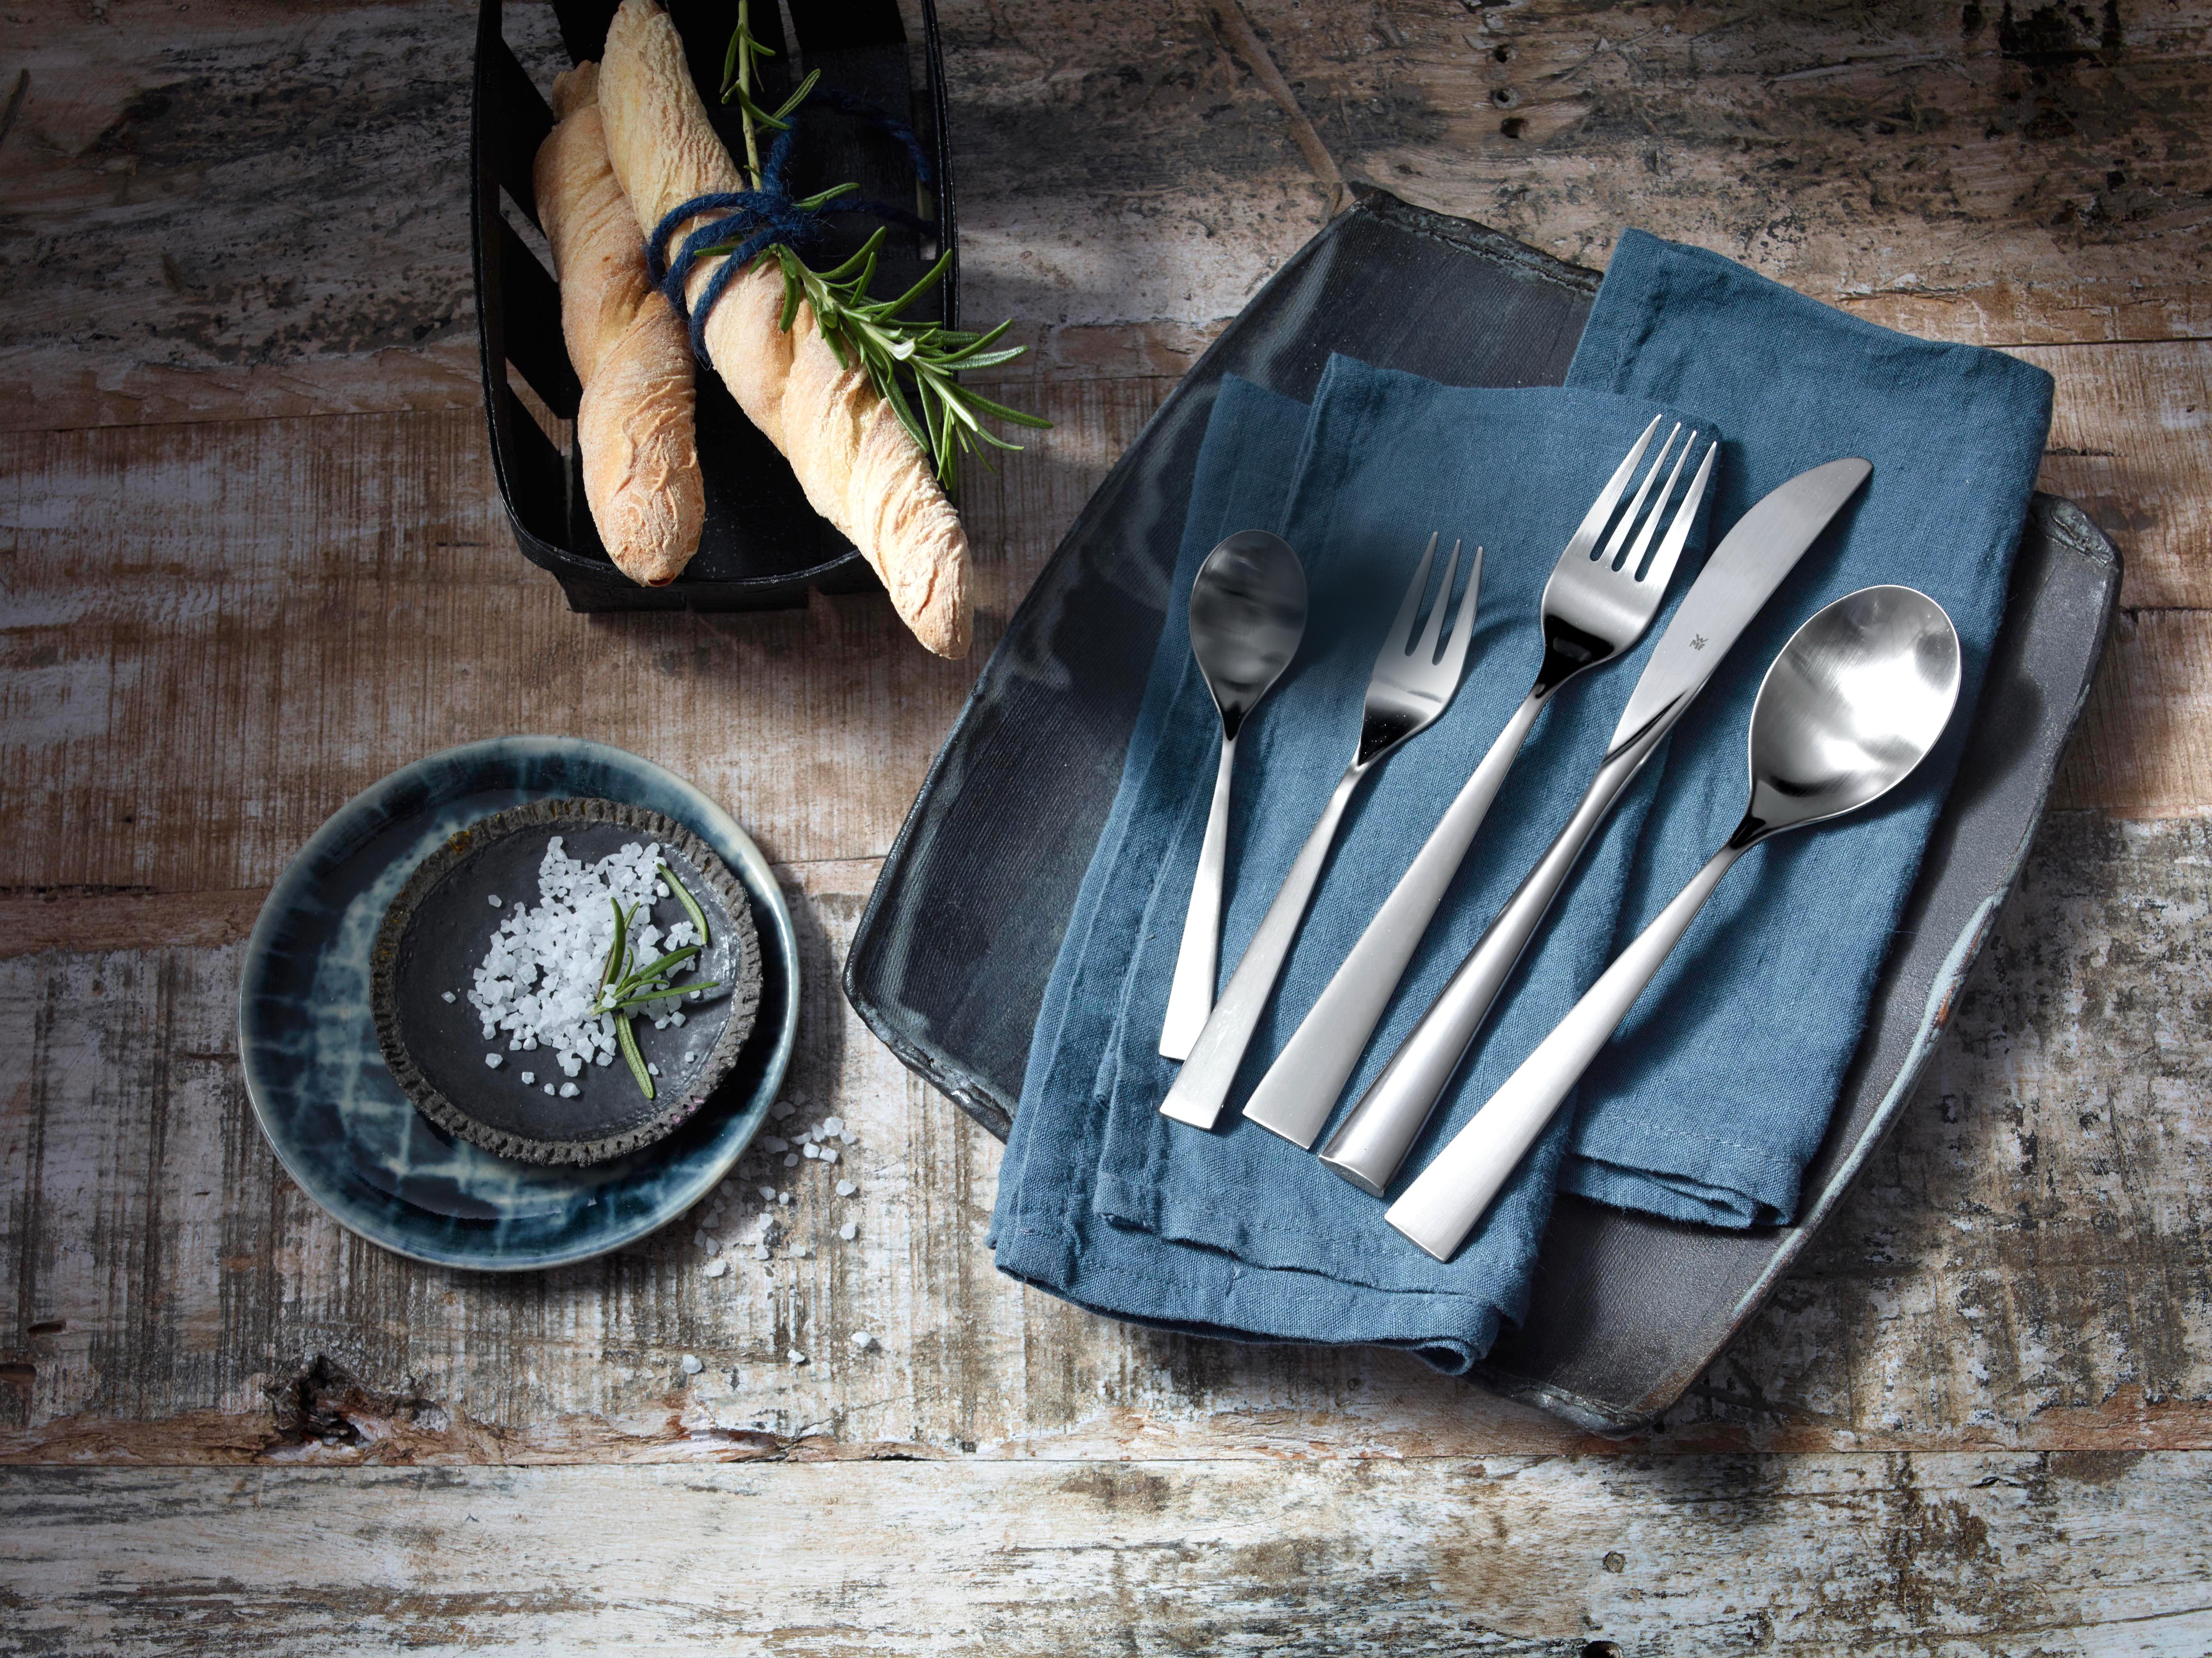 Le usanze a tavola nel mondo: oggi mangiamo in Cile